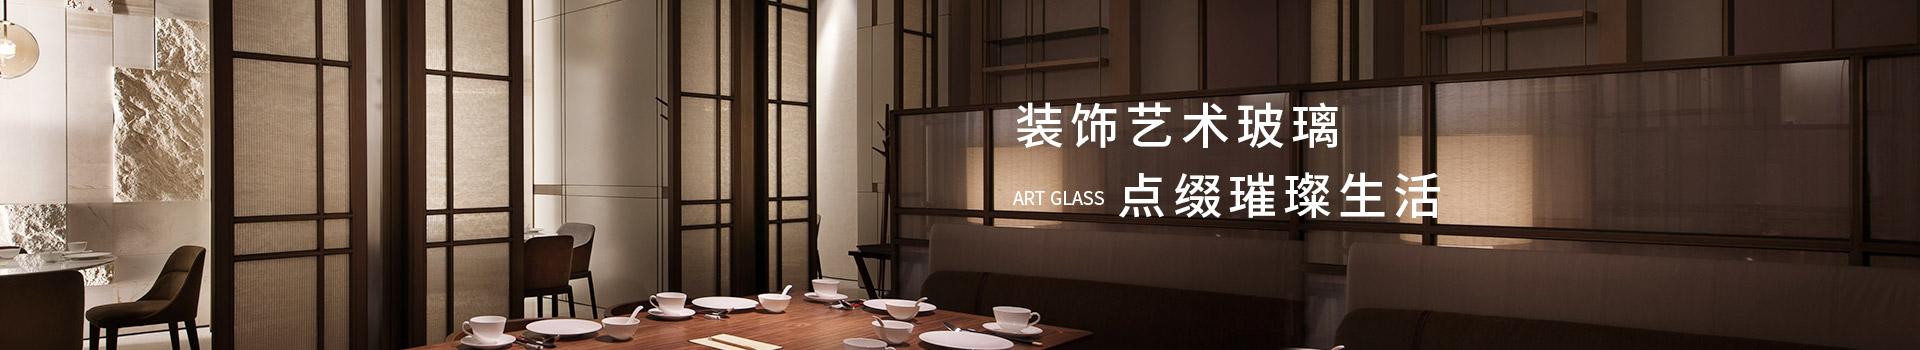 苏州鼎隆-装饰艺术玻璃,点缀璀璨生活